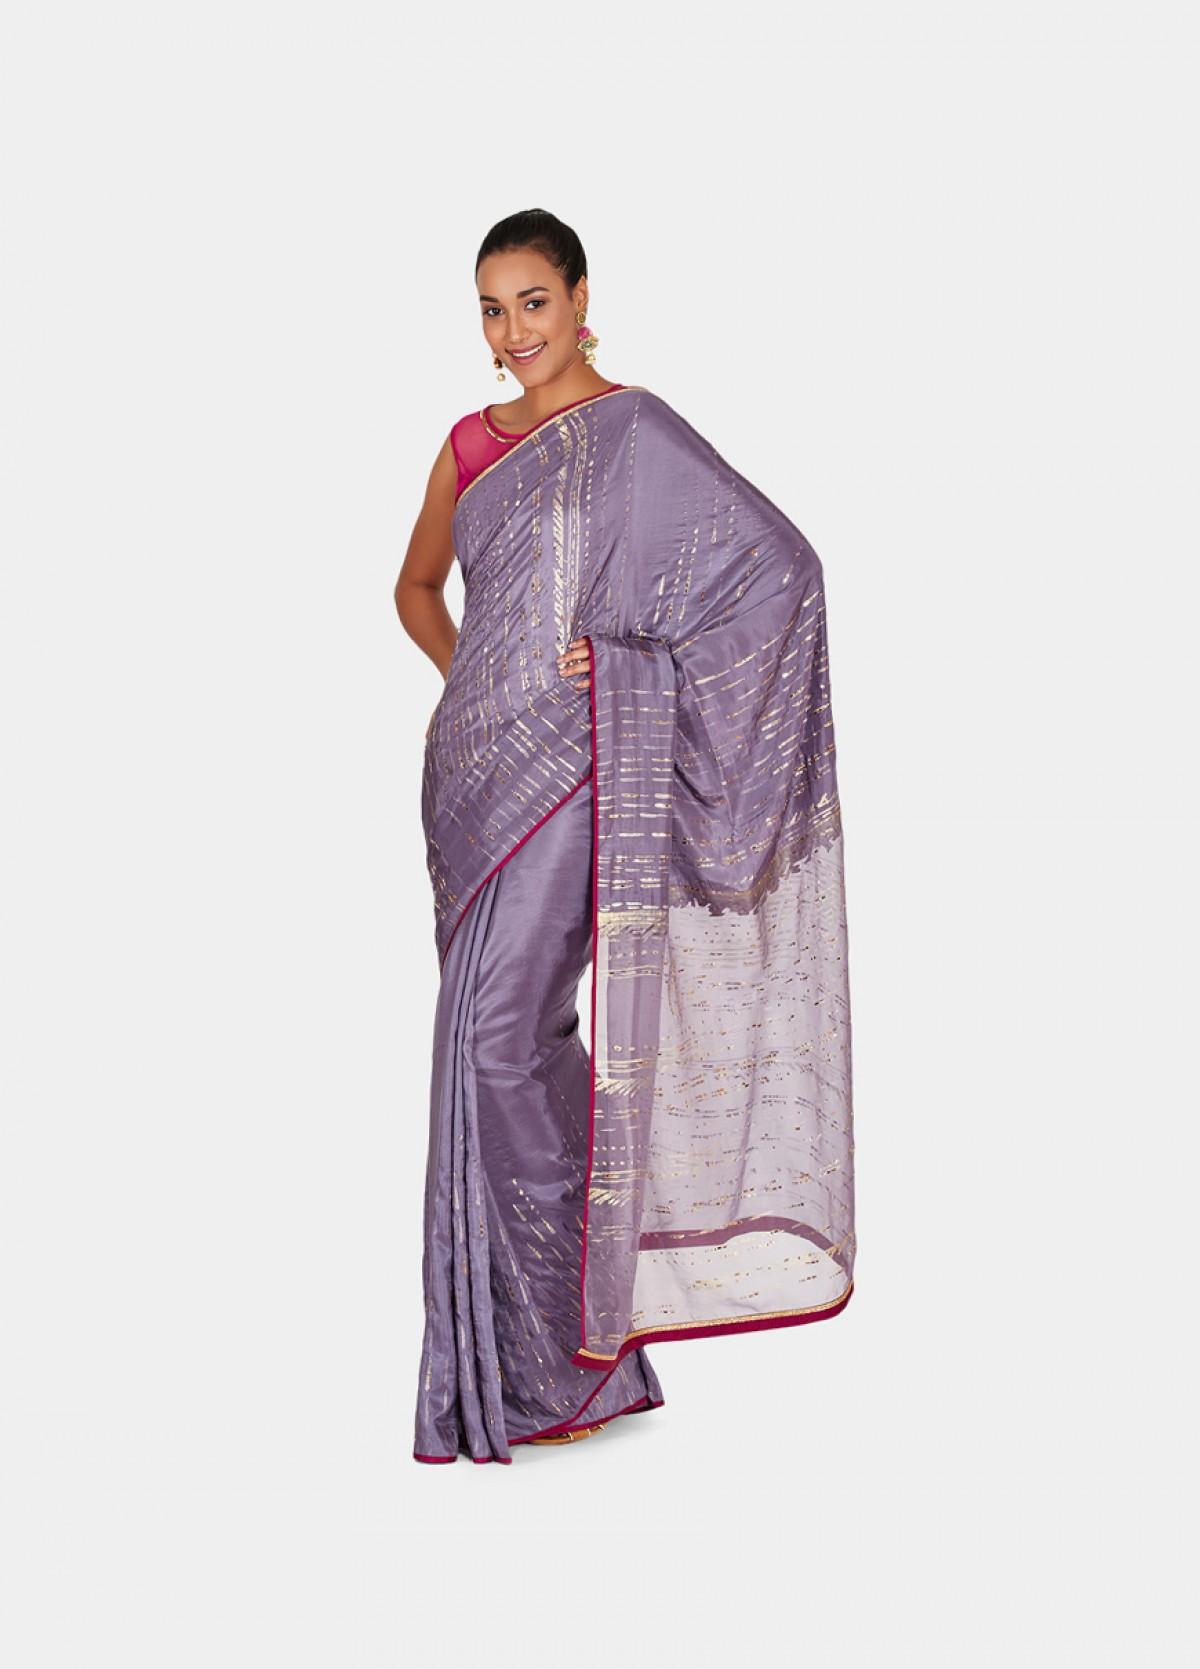 The Linear Array Sari